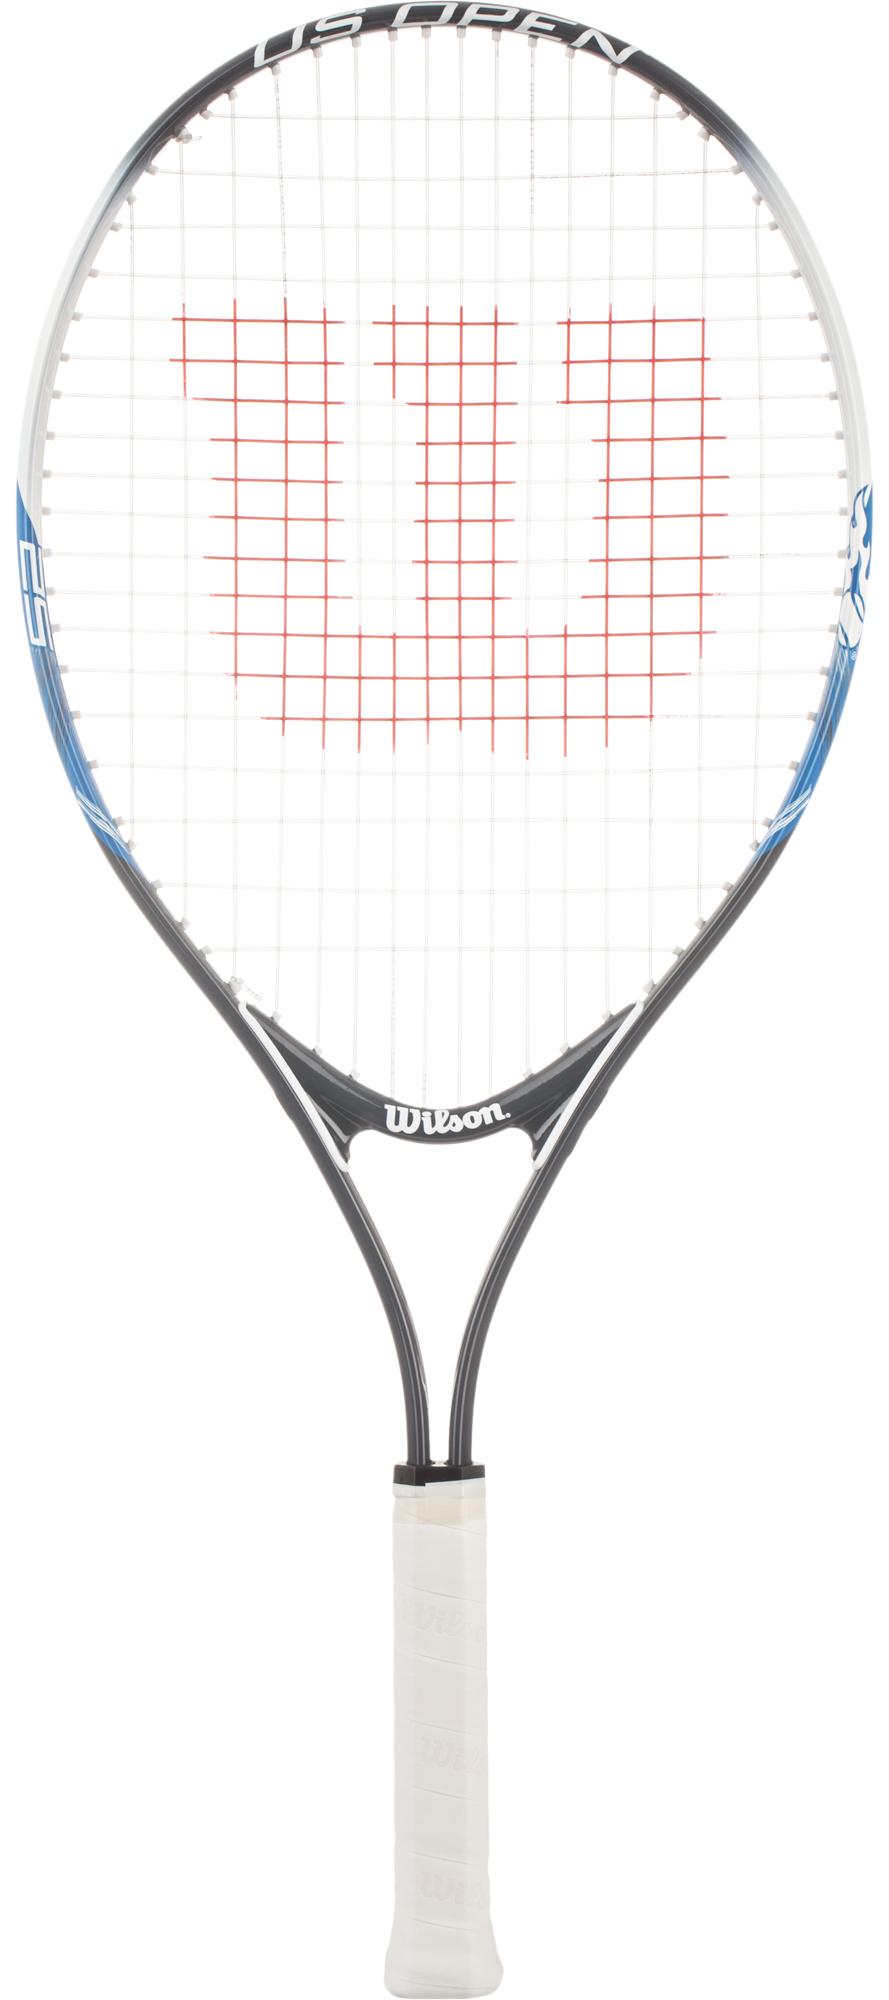 Wilson Ракетка для большого тенниса детская Wilson US Open 25 wilson набор мячей для большого тенниса wilson australian open 3 ball can размер без размера